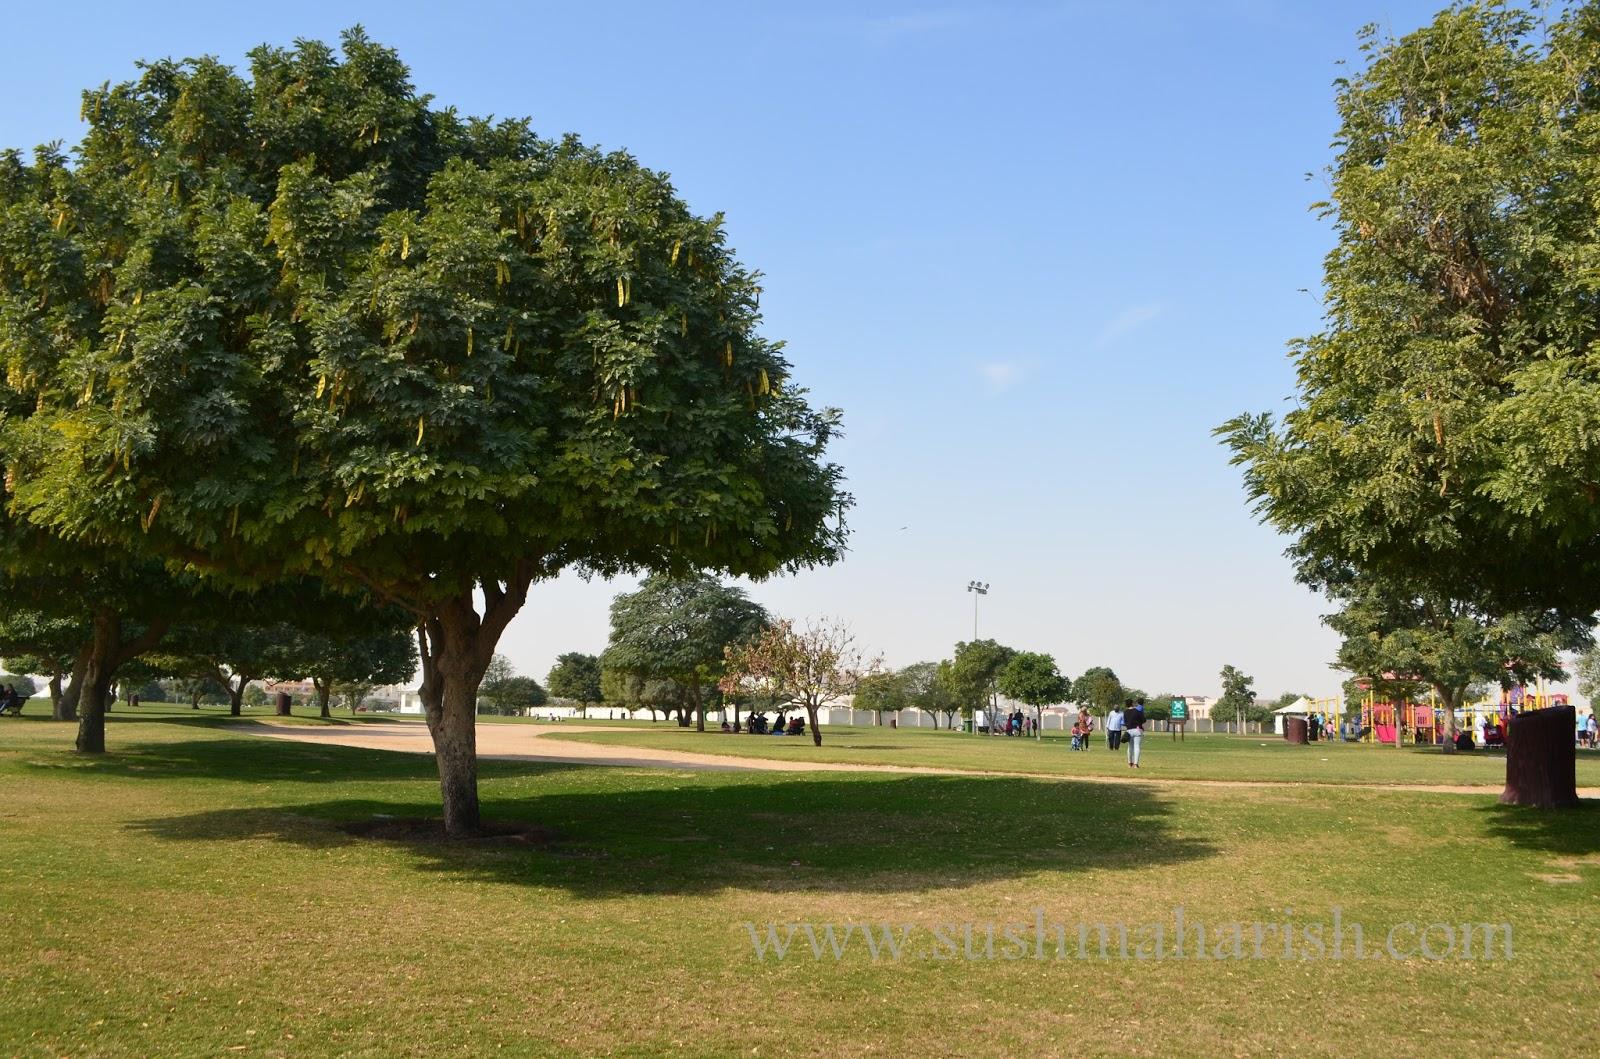 The Fairy Tale Park Of Doha 8